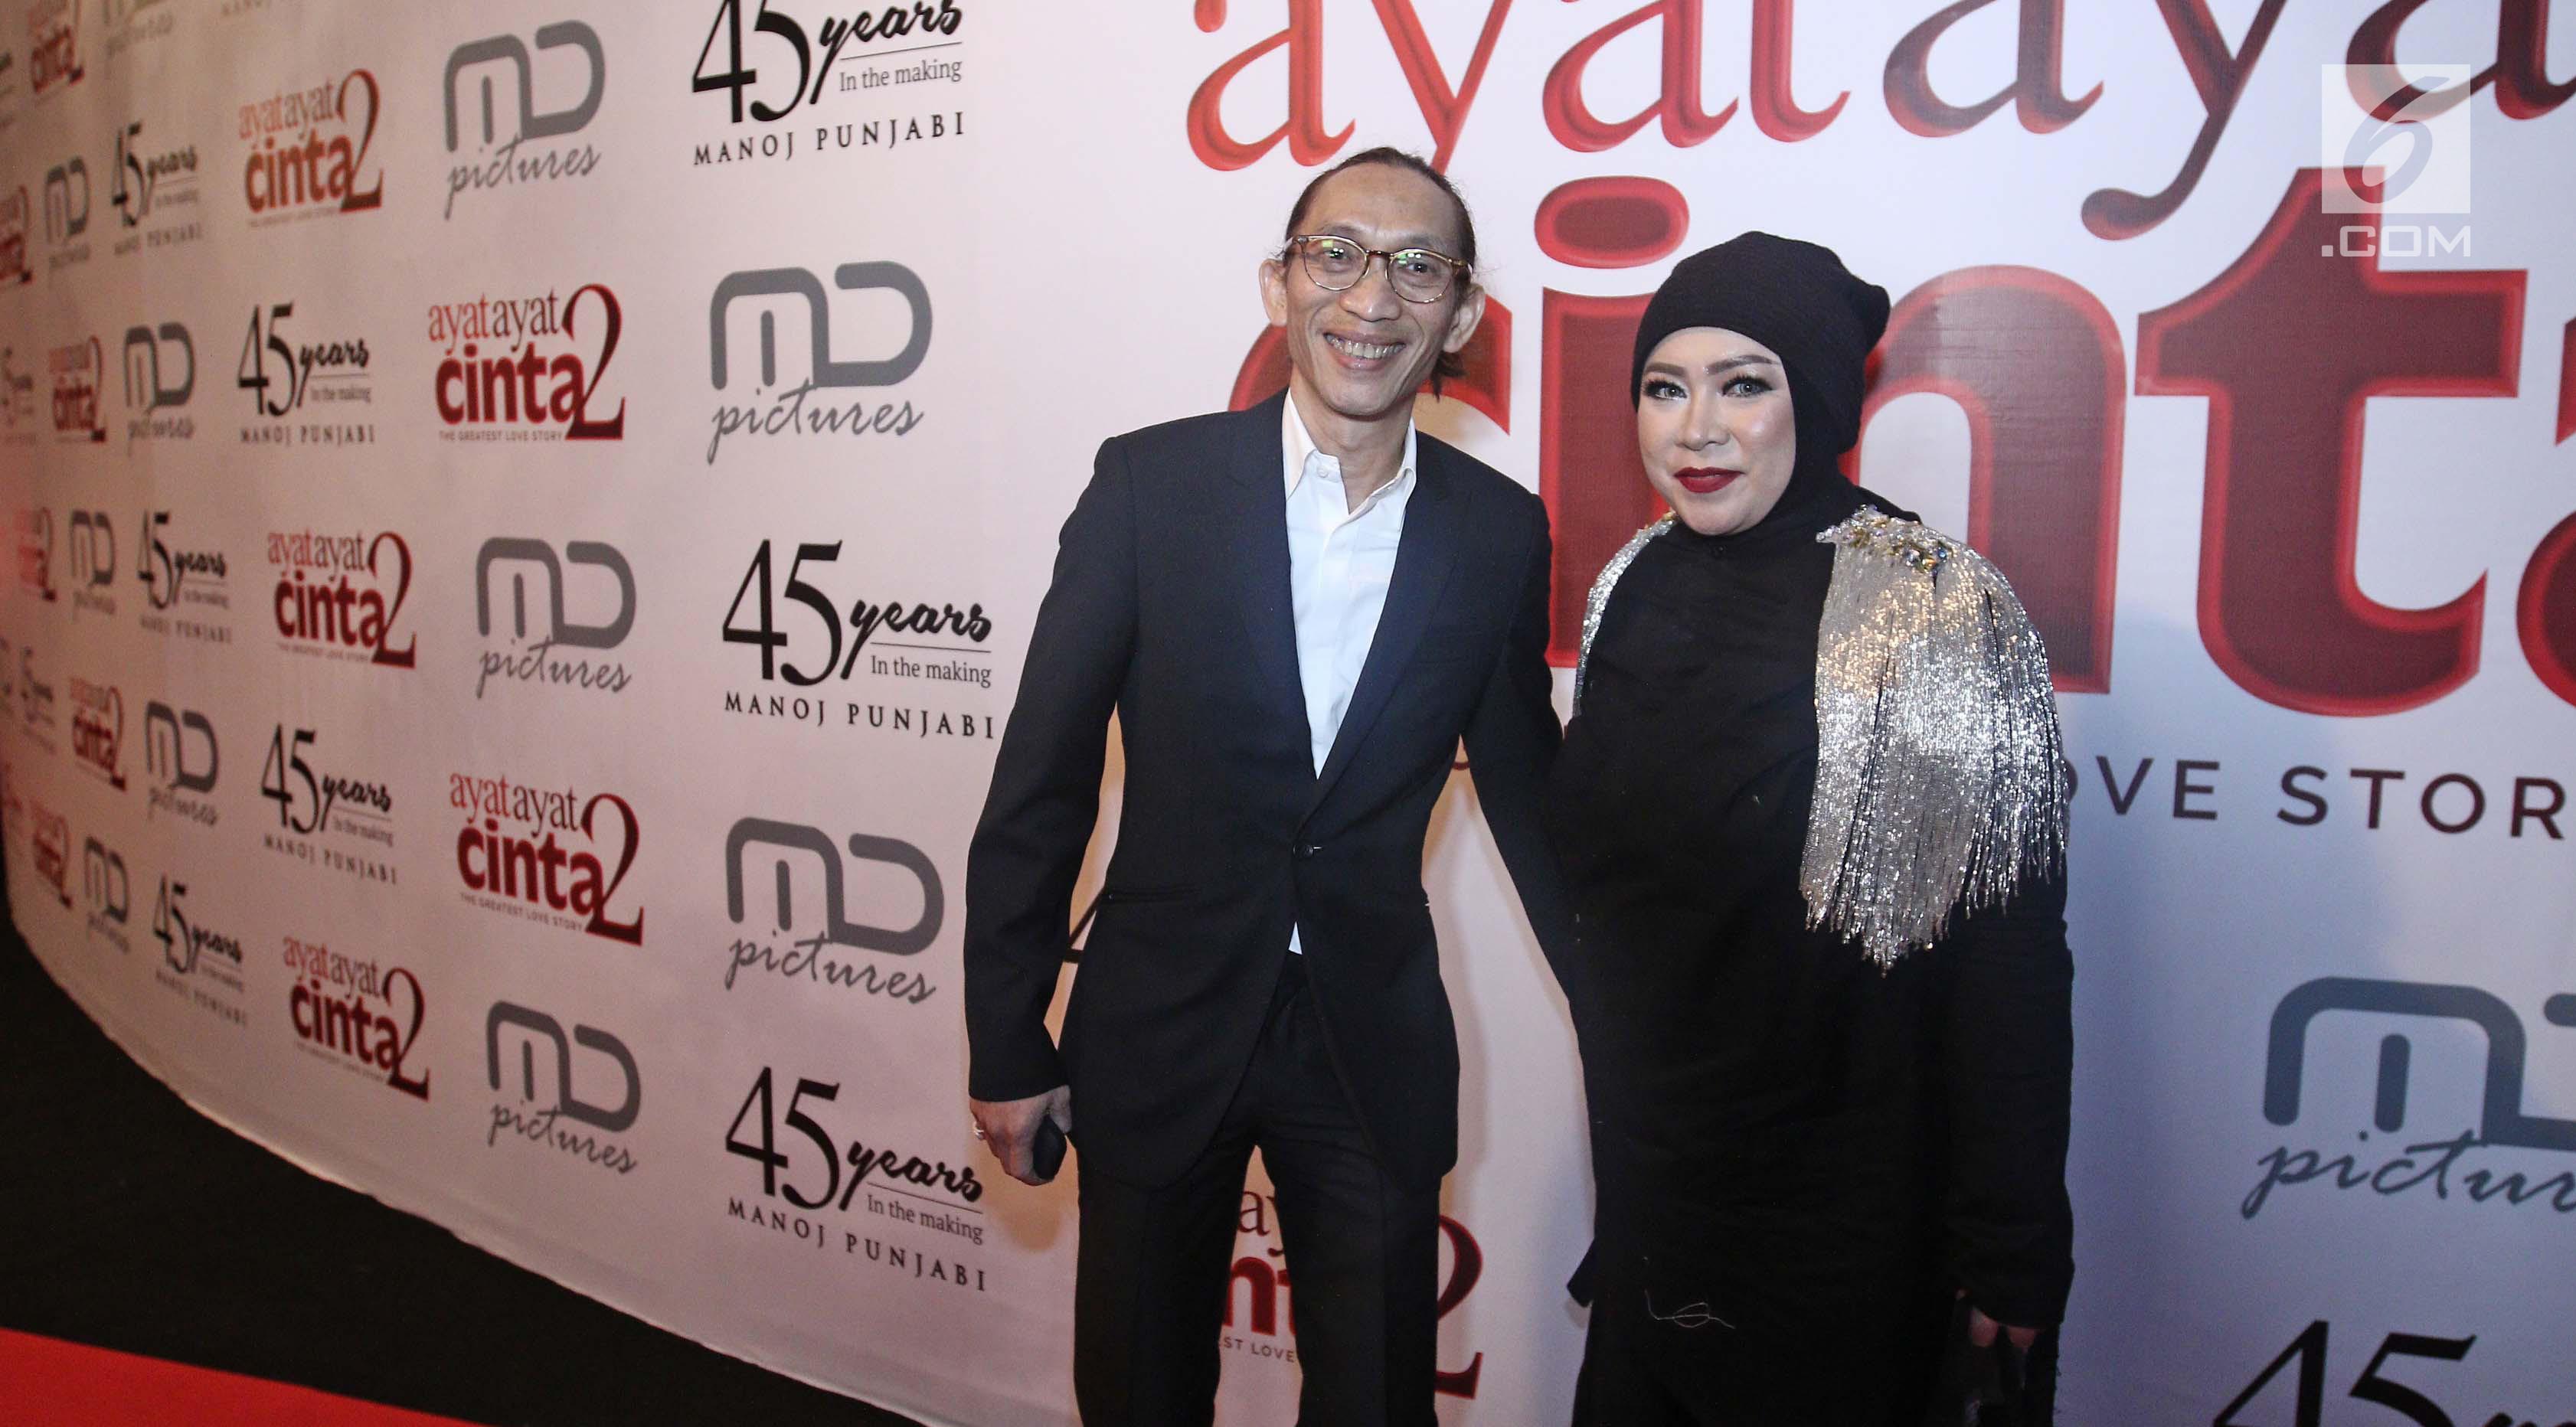 Melly Goeslaw dan suaminya, Anto Hoed berpose untuk difoto saat menghadiri gala premiere film Ayat Ayat Cinta 2 di Jakarta, Kamis (07/12). (Liputan6.com/Herman Zakharia)